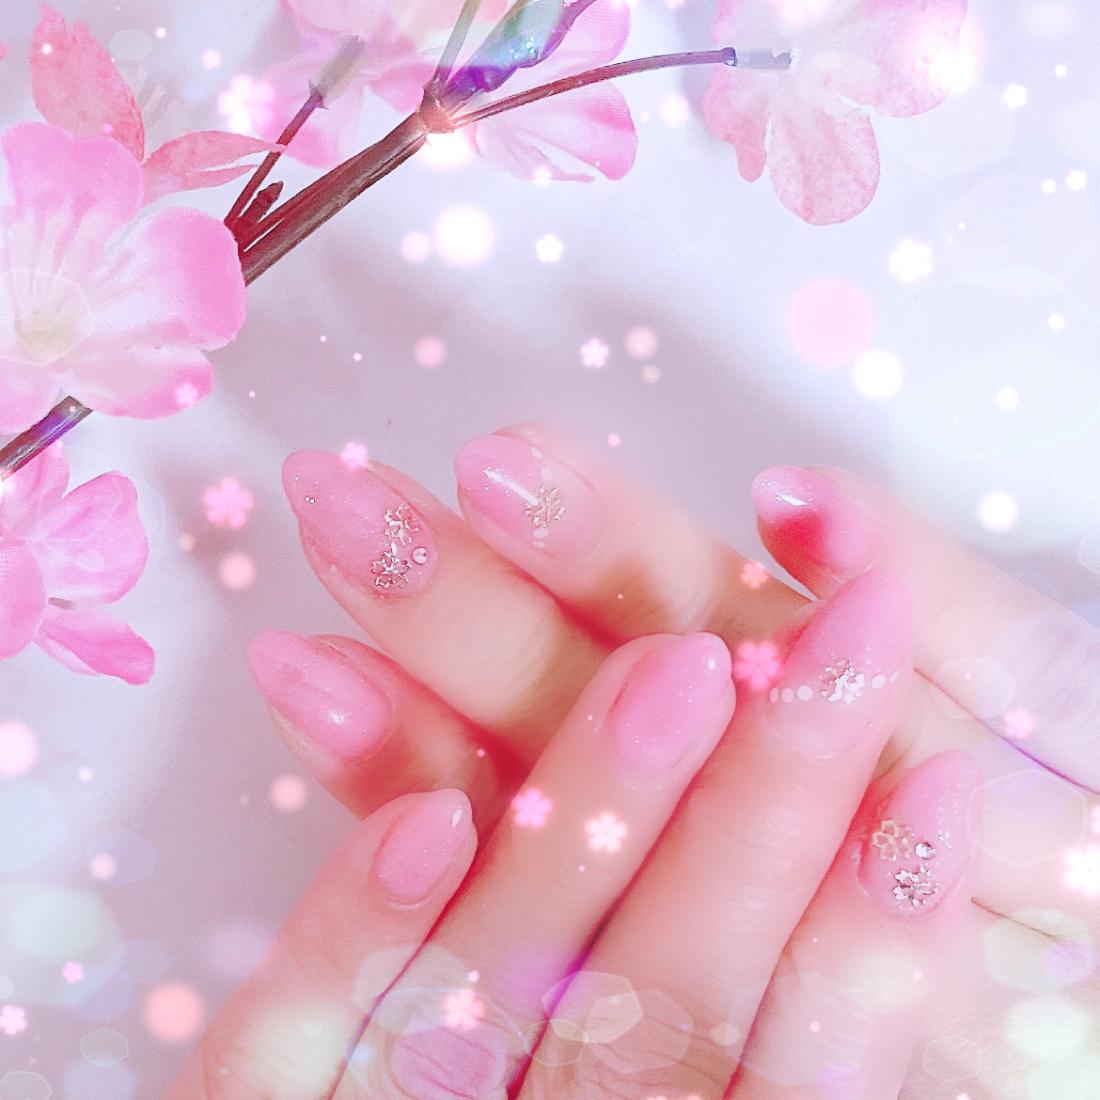 先取り✿ฺ ♡春ネイル♡✿ฺもうすぐ、春本番ですね。暖かい日も増えてきてなんだか♡ほんわか気分(❁´ω`❁)*✲゚*_4